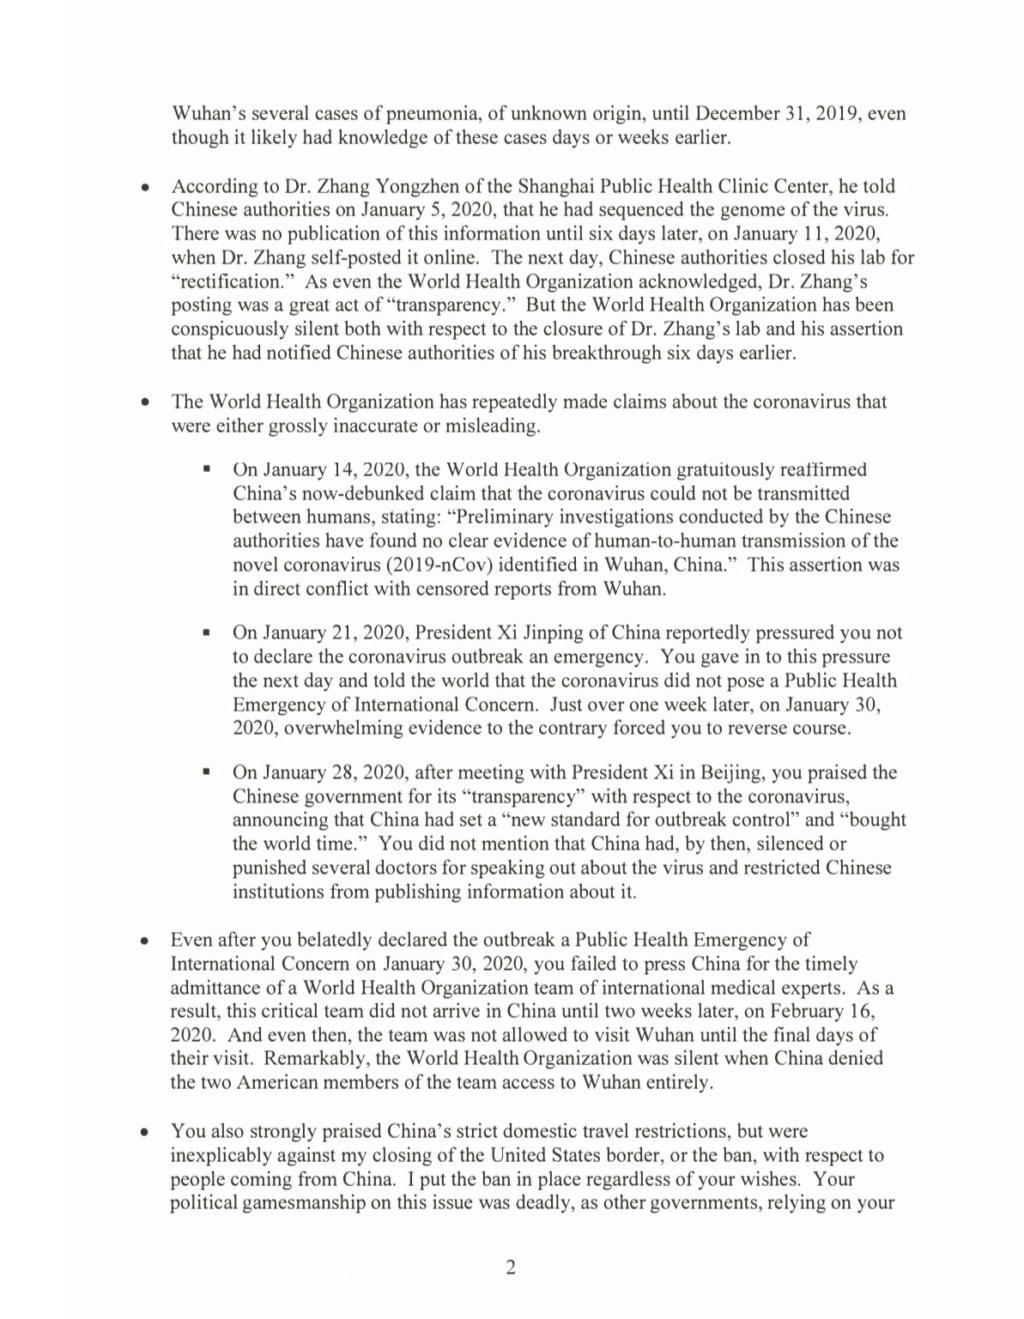 Trump dao rok od 30 dana WHO -u da se reorganizira i dokaže da nije pod kineskim utjecajem... Eywtnt11